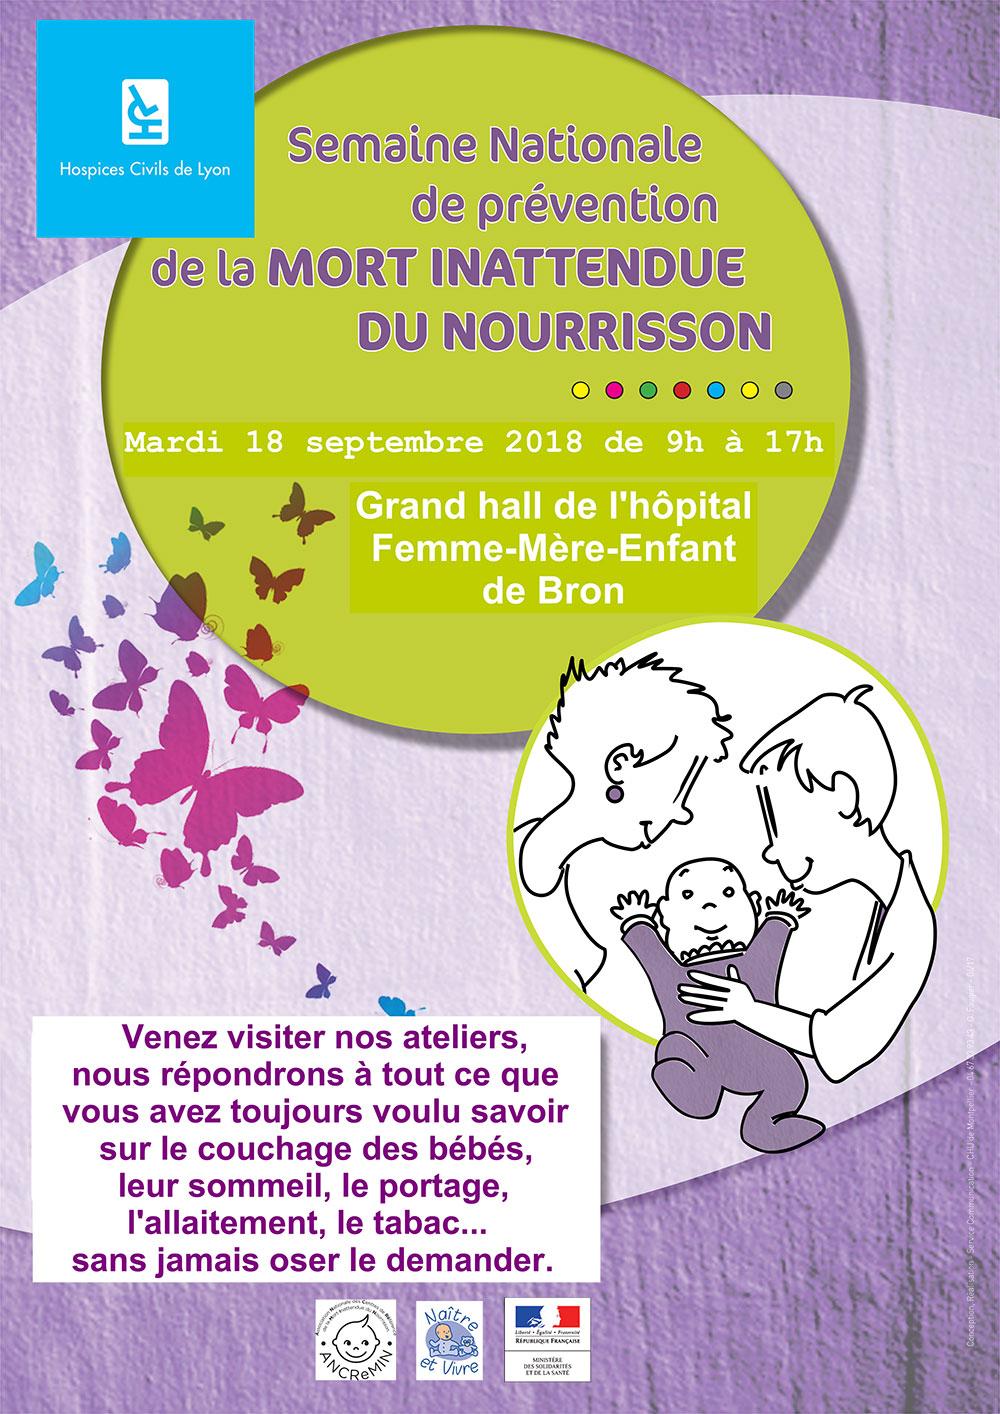 Journée de prévention de la mort inattendue du nourrisson à Lyon